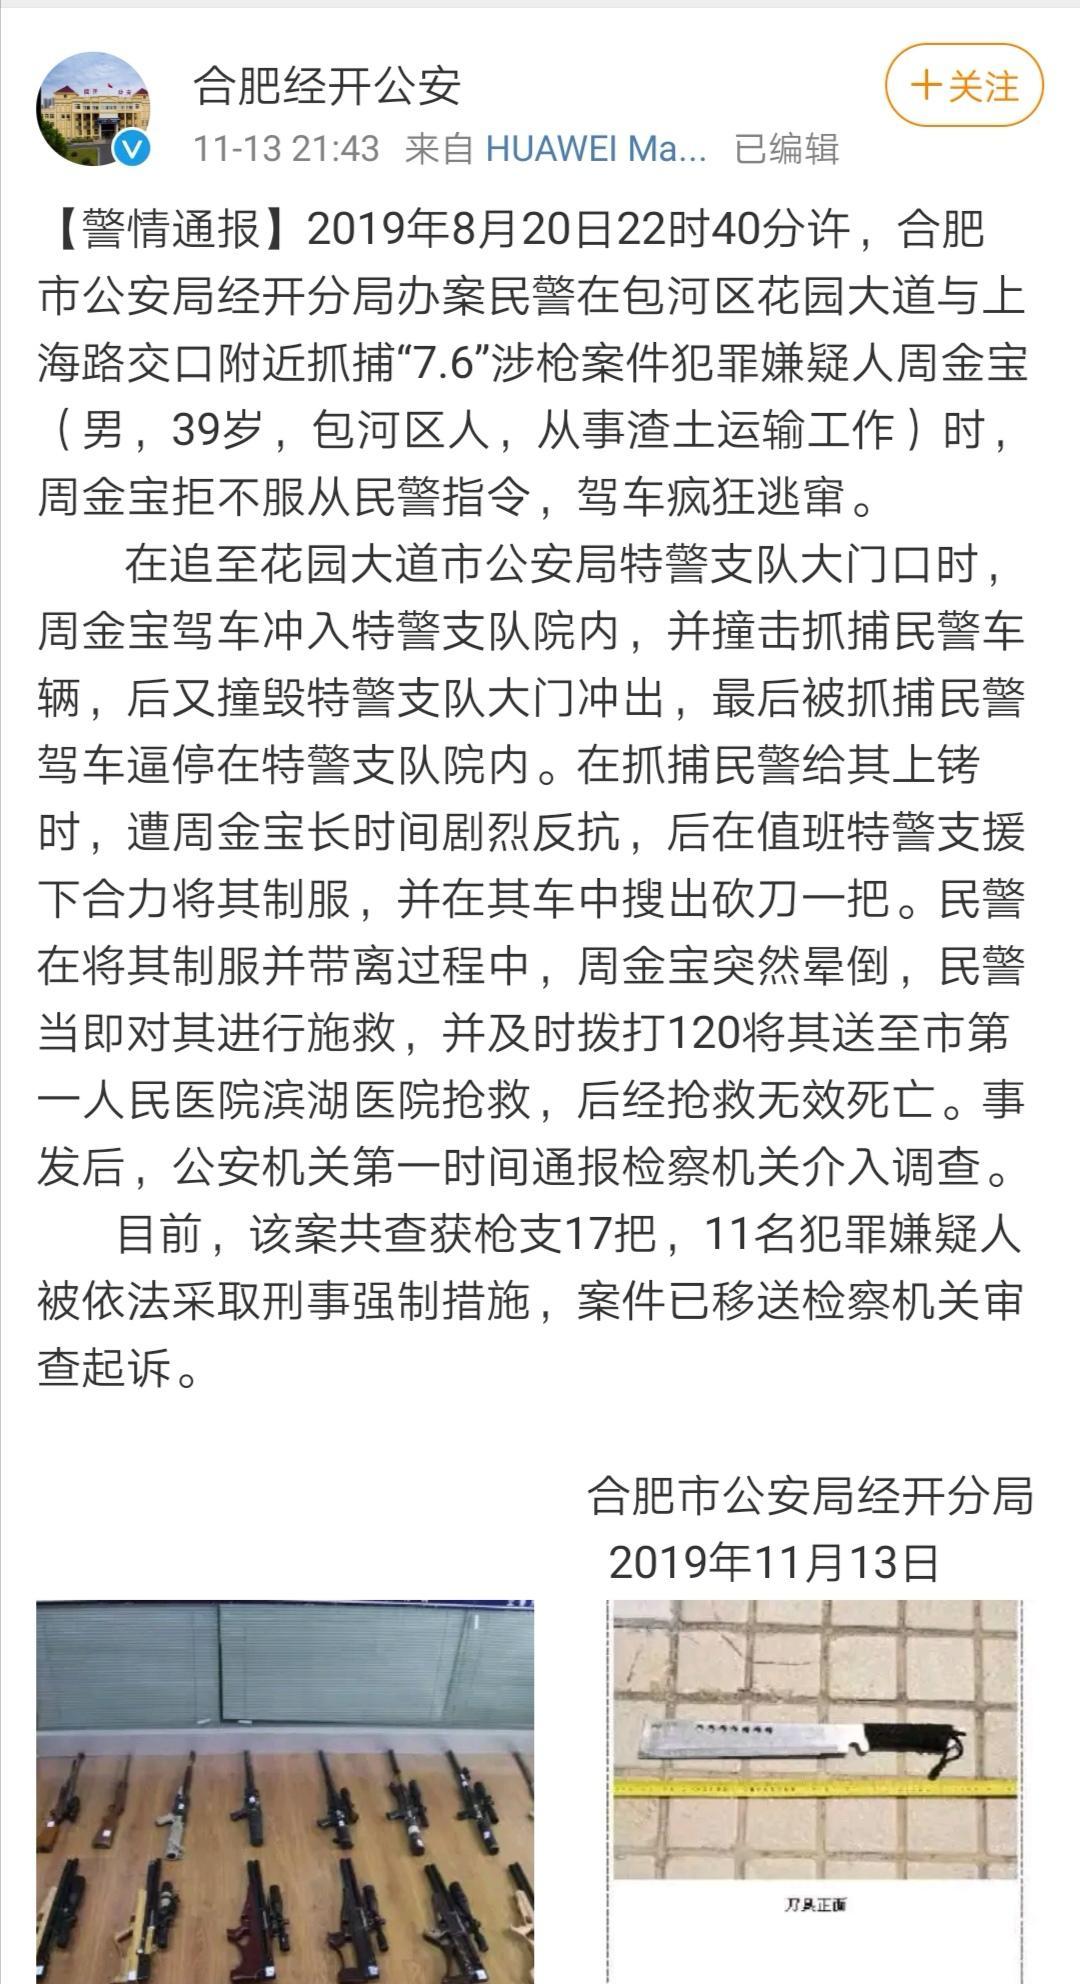 涉枪嫌犯拘传时死亡 检方通报民警系正常抓捕 律师希望公开证据材料_相关